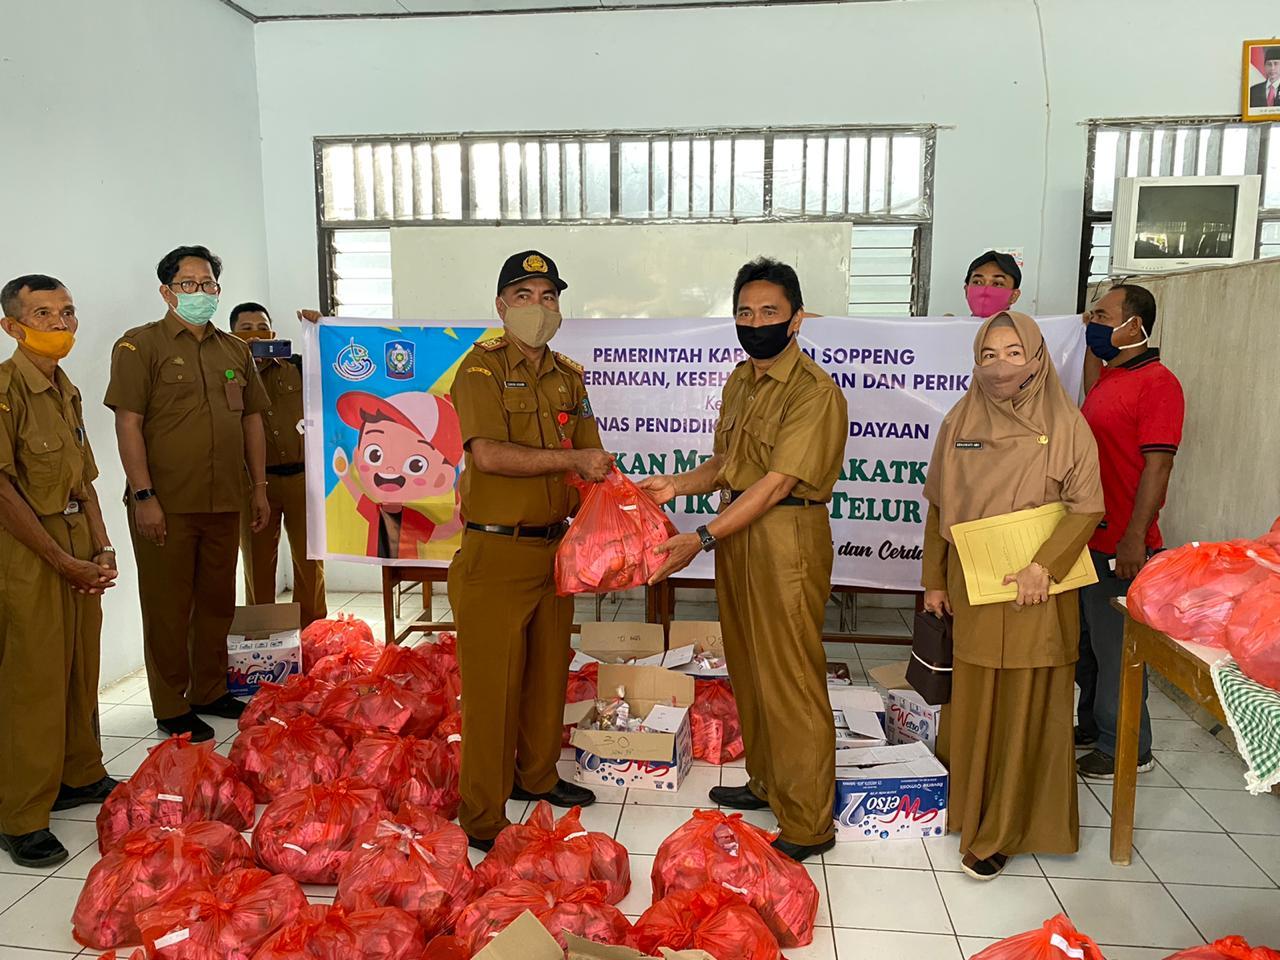 4000 Siswa Dapat Paket Gratis Berisi Ikan Dan Telur Dari Dinas PKHP Soppeng